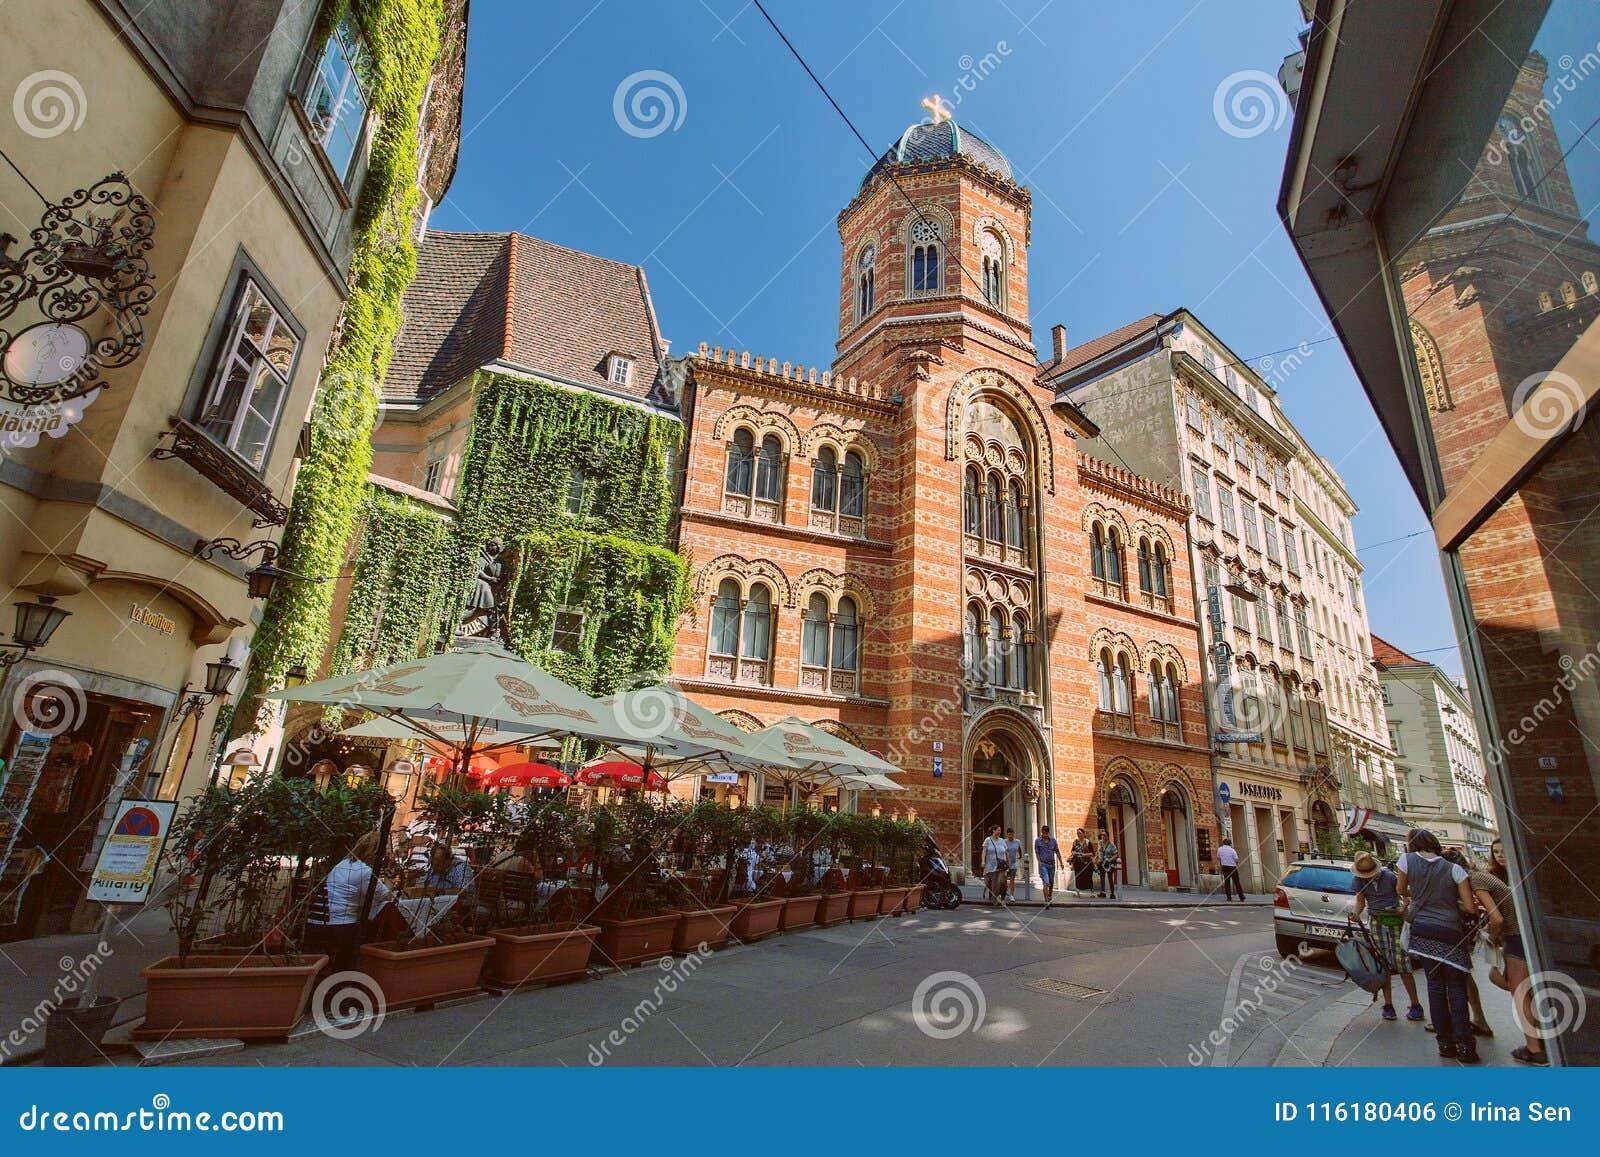 Ιστορικά κτήρια, εκκλησία και χαρακτηριστικός καφές οδών στο κέντρο της Βιέννης, Αυστρία